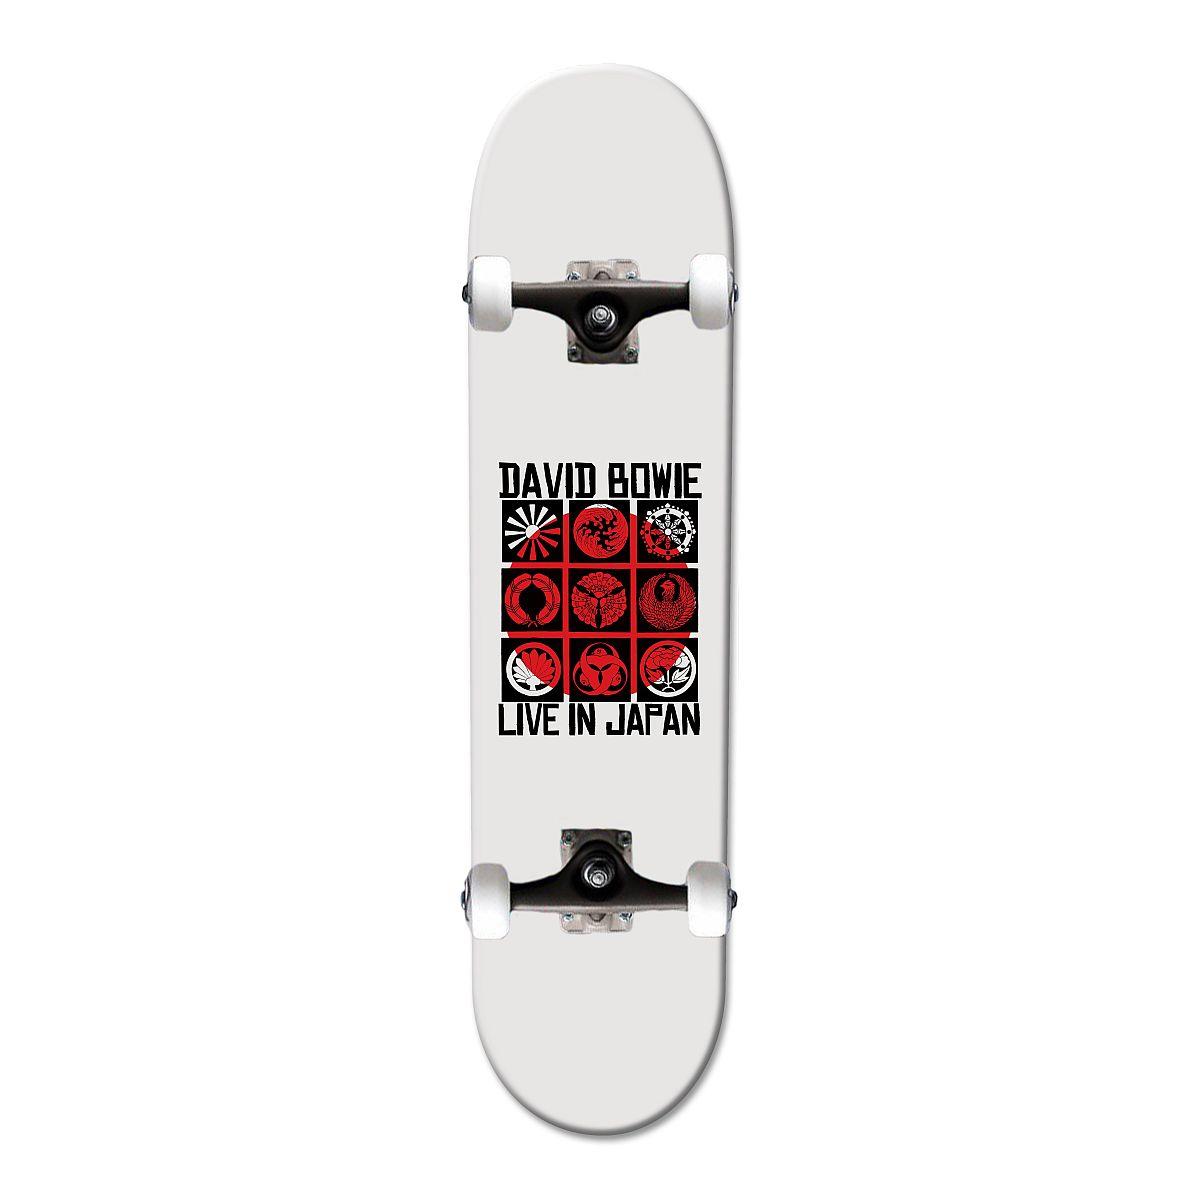 Live in Japan Skateboard